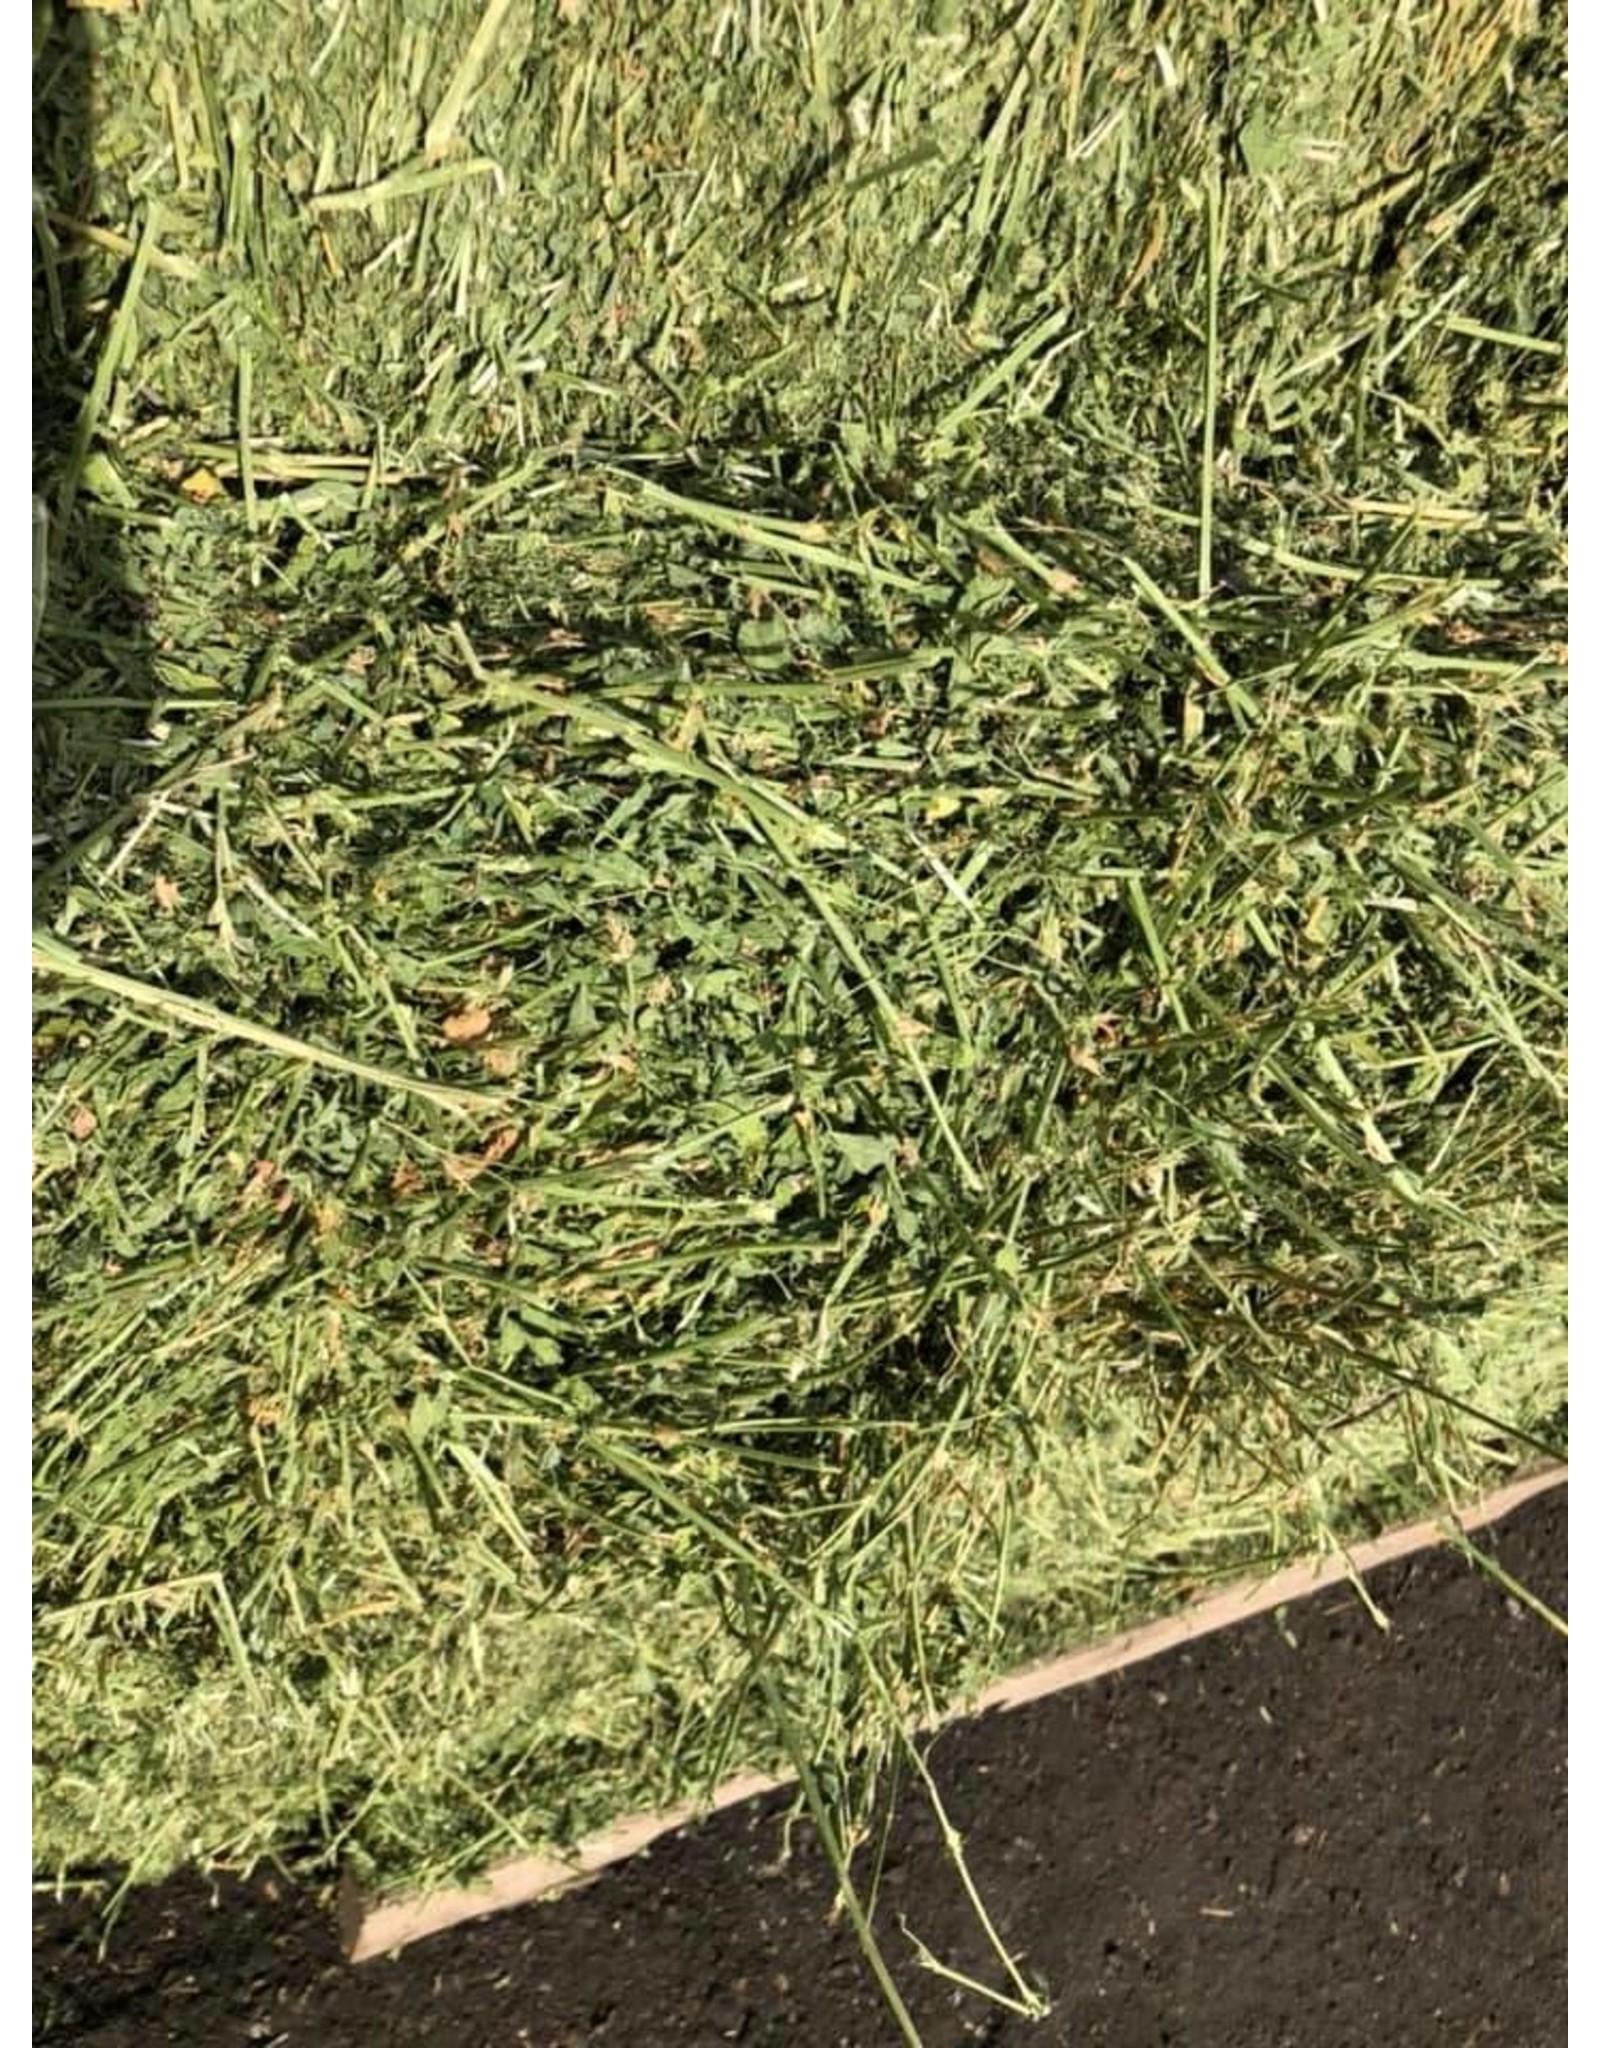 Alfalfa New Mexico 2S